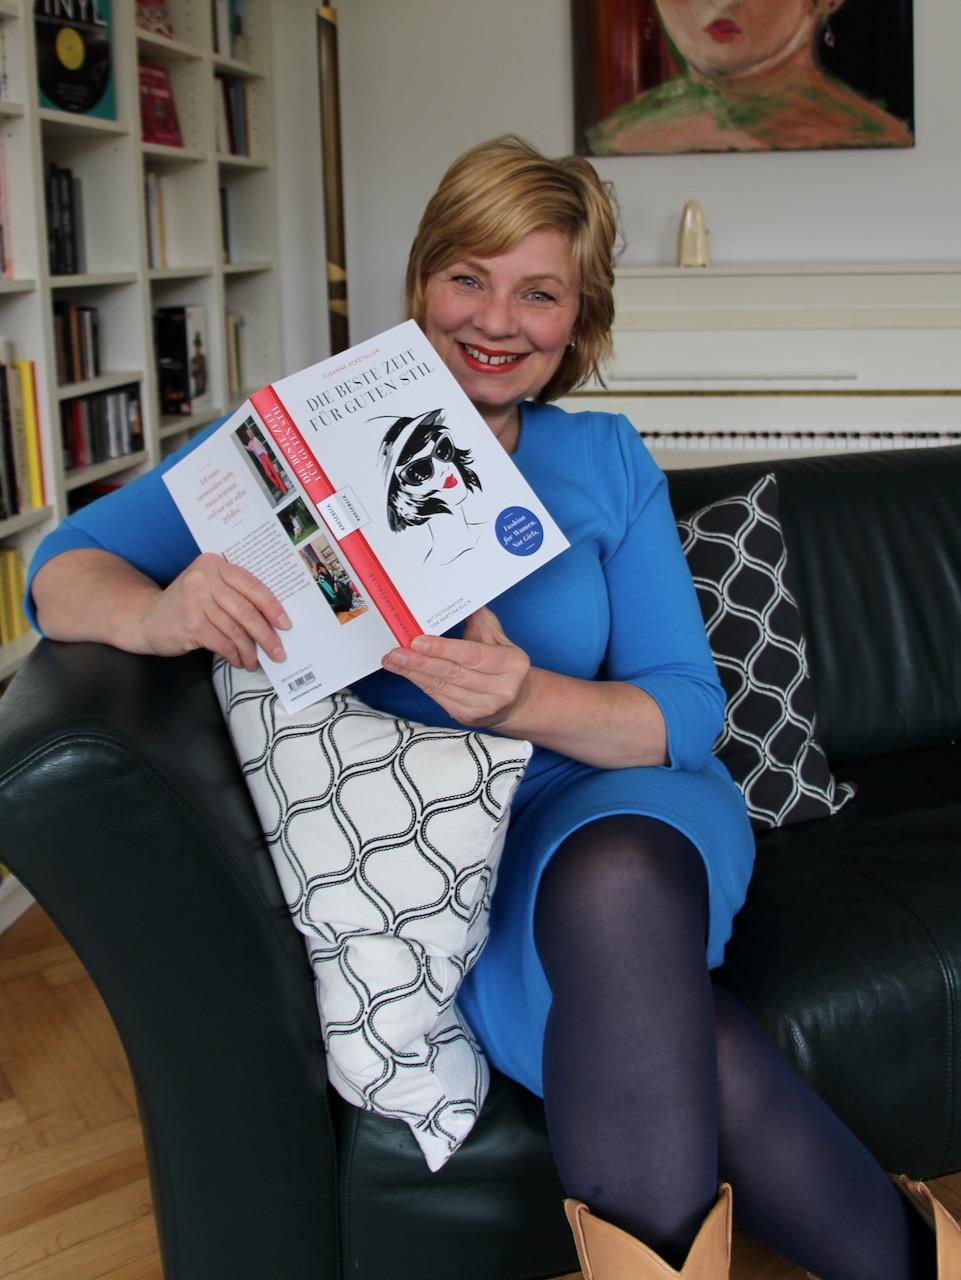 """Dagmar hat Susi Ackstaller Buch """" Die beste Zeit für guten Stil"""" in der Hand."""